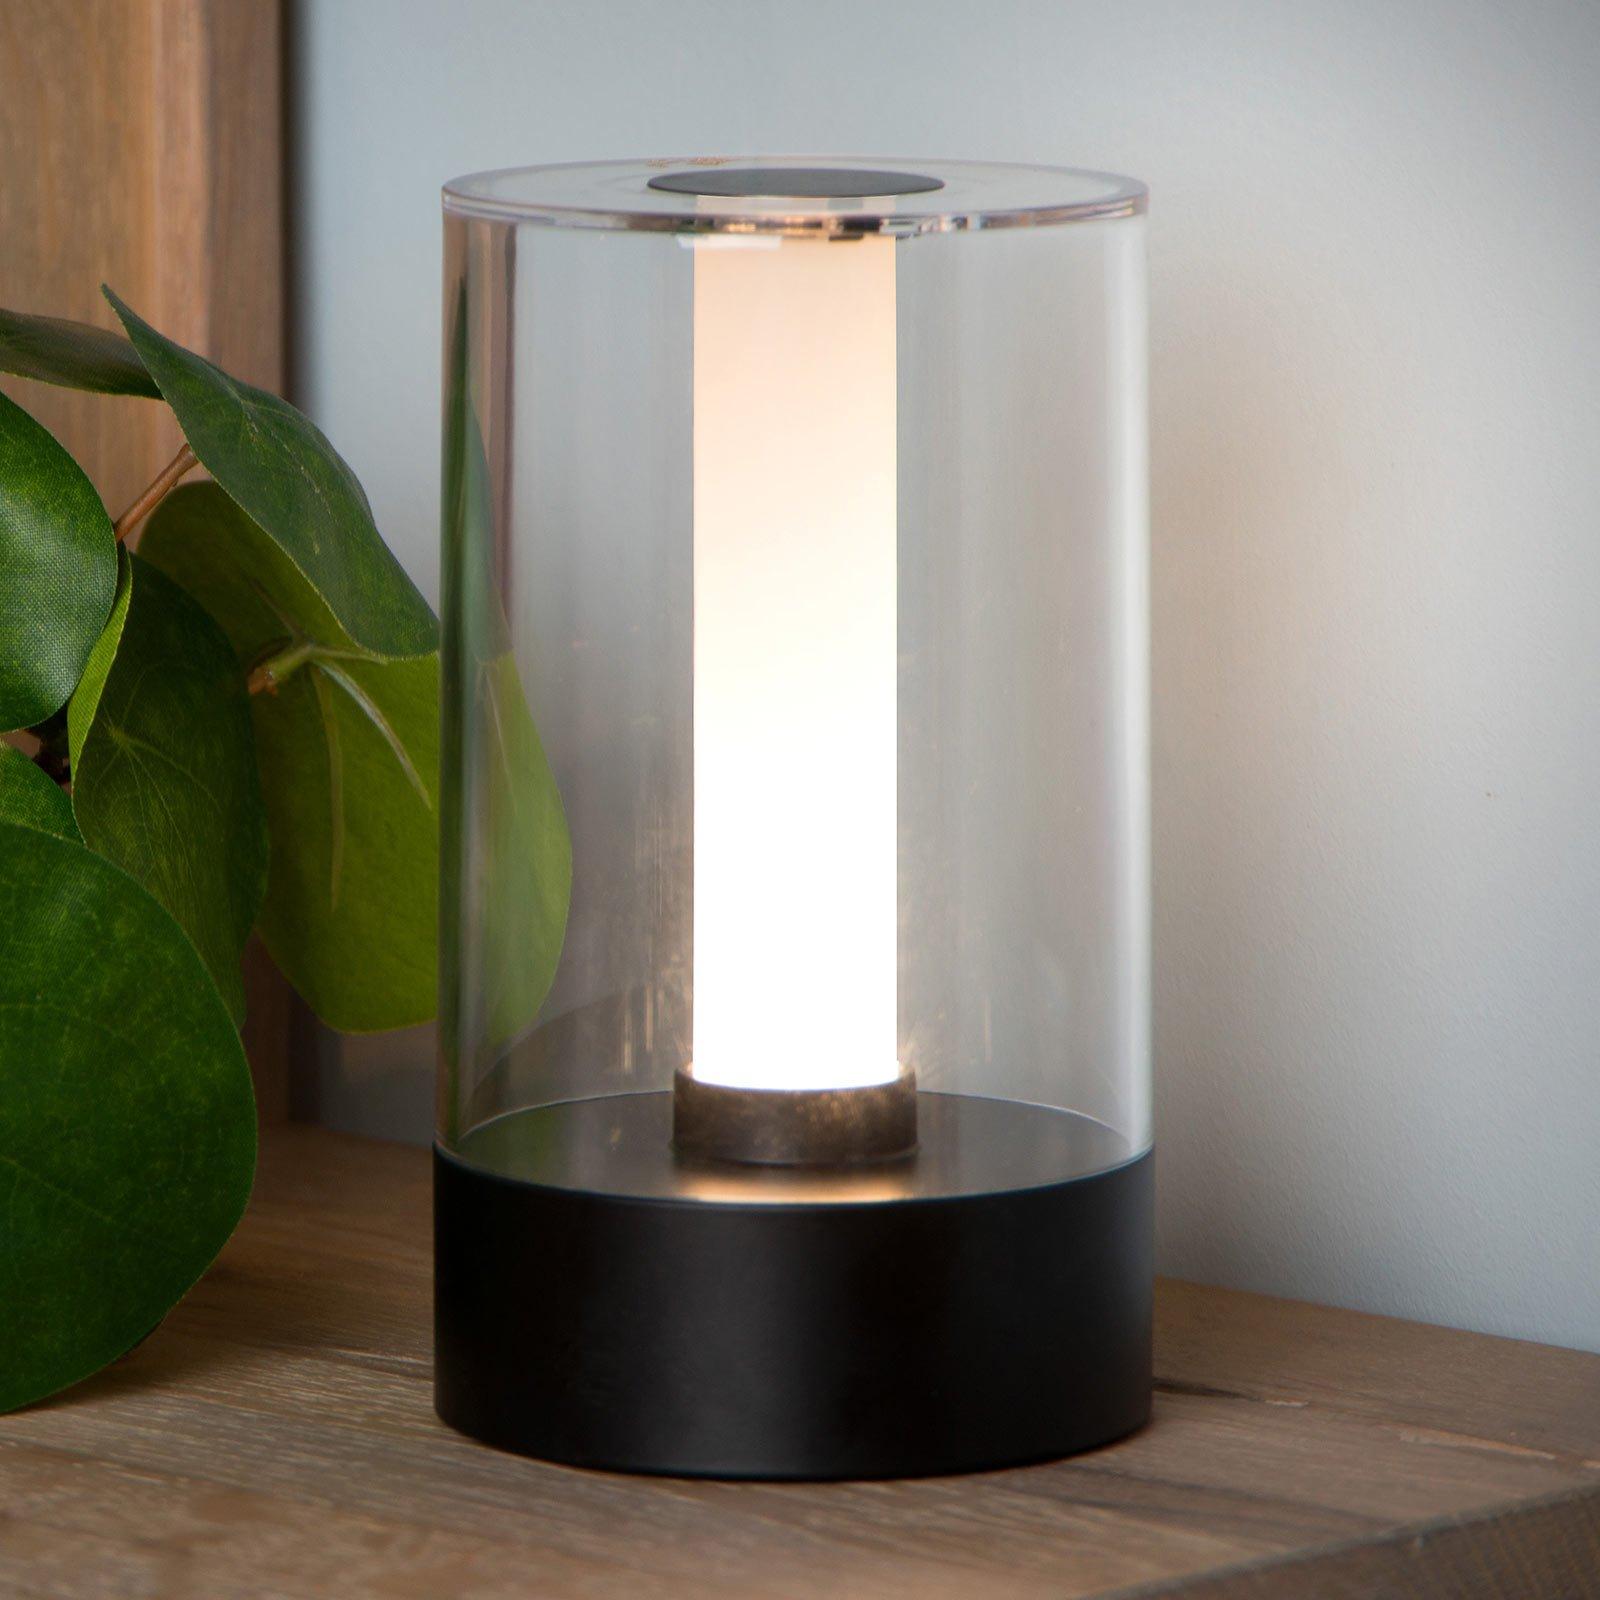 Tribun bordlampe med batteri og dimmer svart